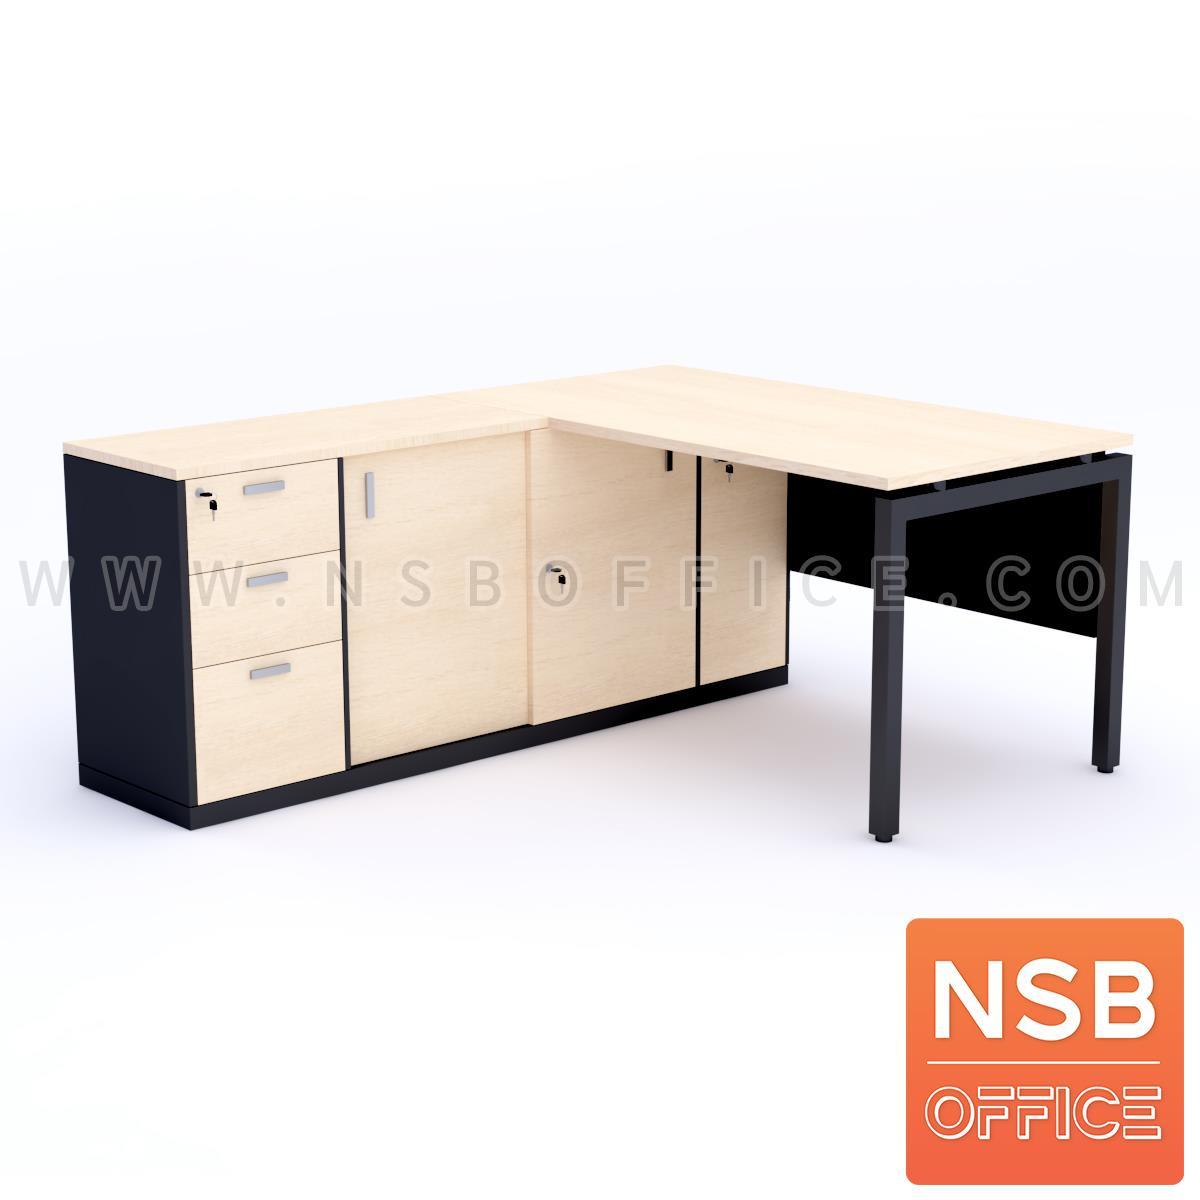 A13A161:โต๊ะผู้บริหารตัวแอล  รุ่น Braxton (แบรกซ์ตัน) ขนาด 180W1 ,200W1*180W2 cm.  พร้อมตู้ข้าง ขาเหล็กกล่อง พร้อมป็อปอัพรหัส A24A034